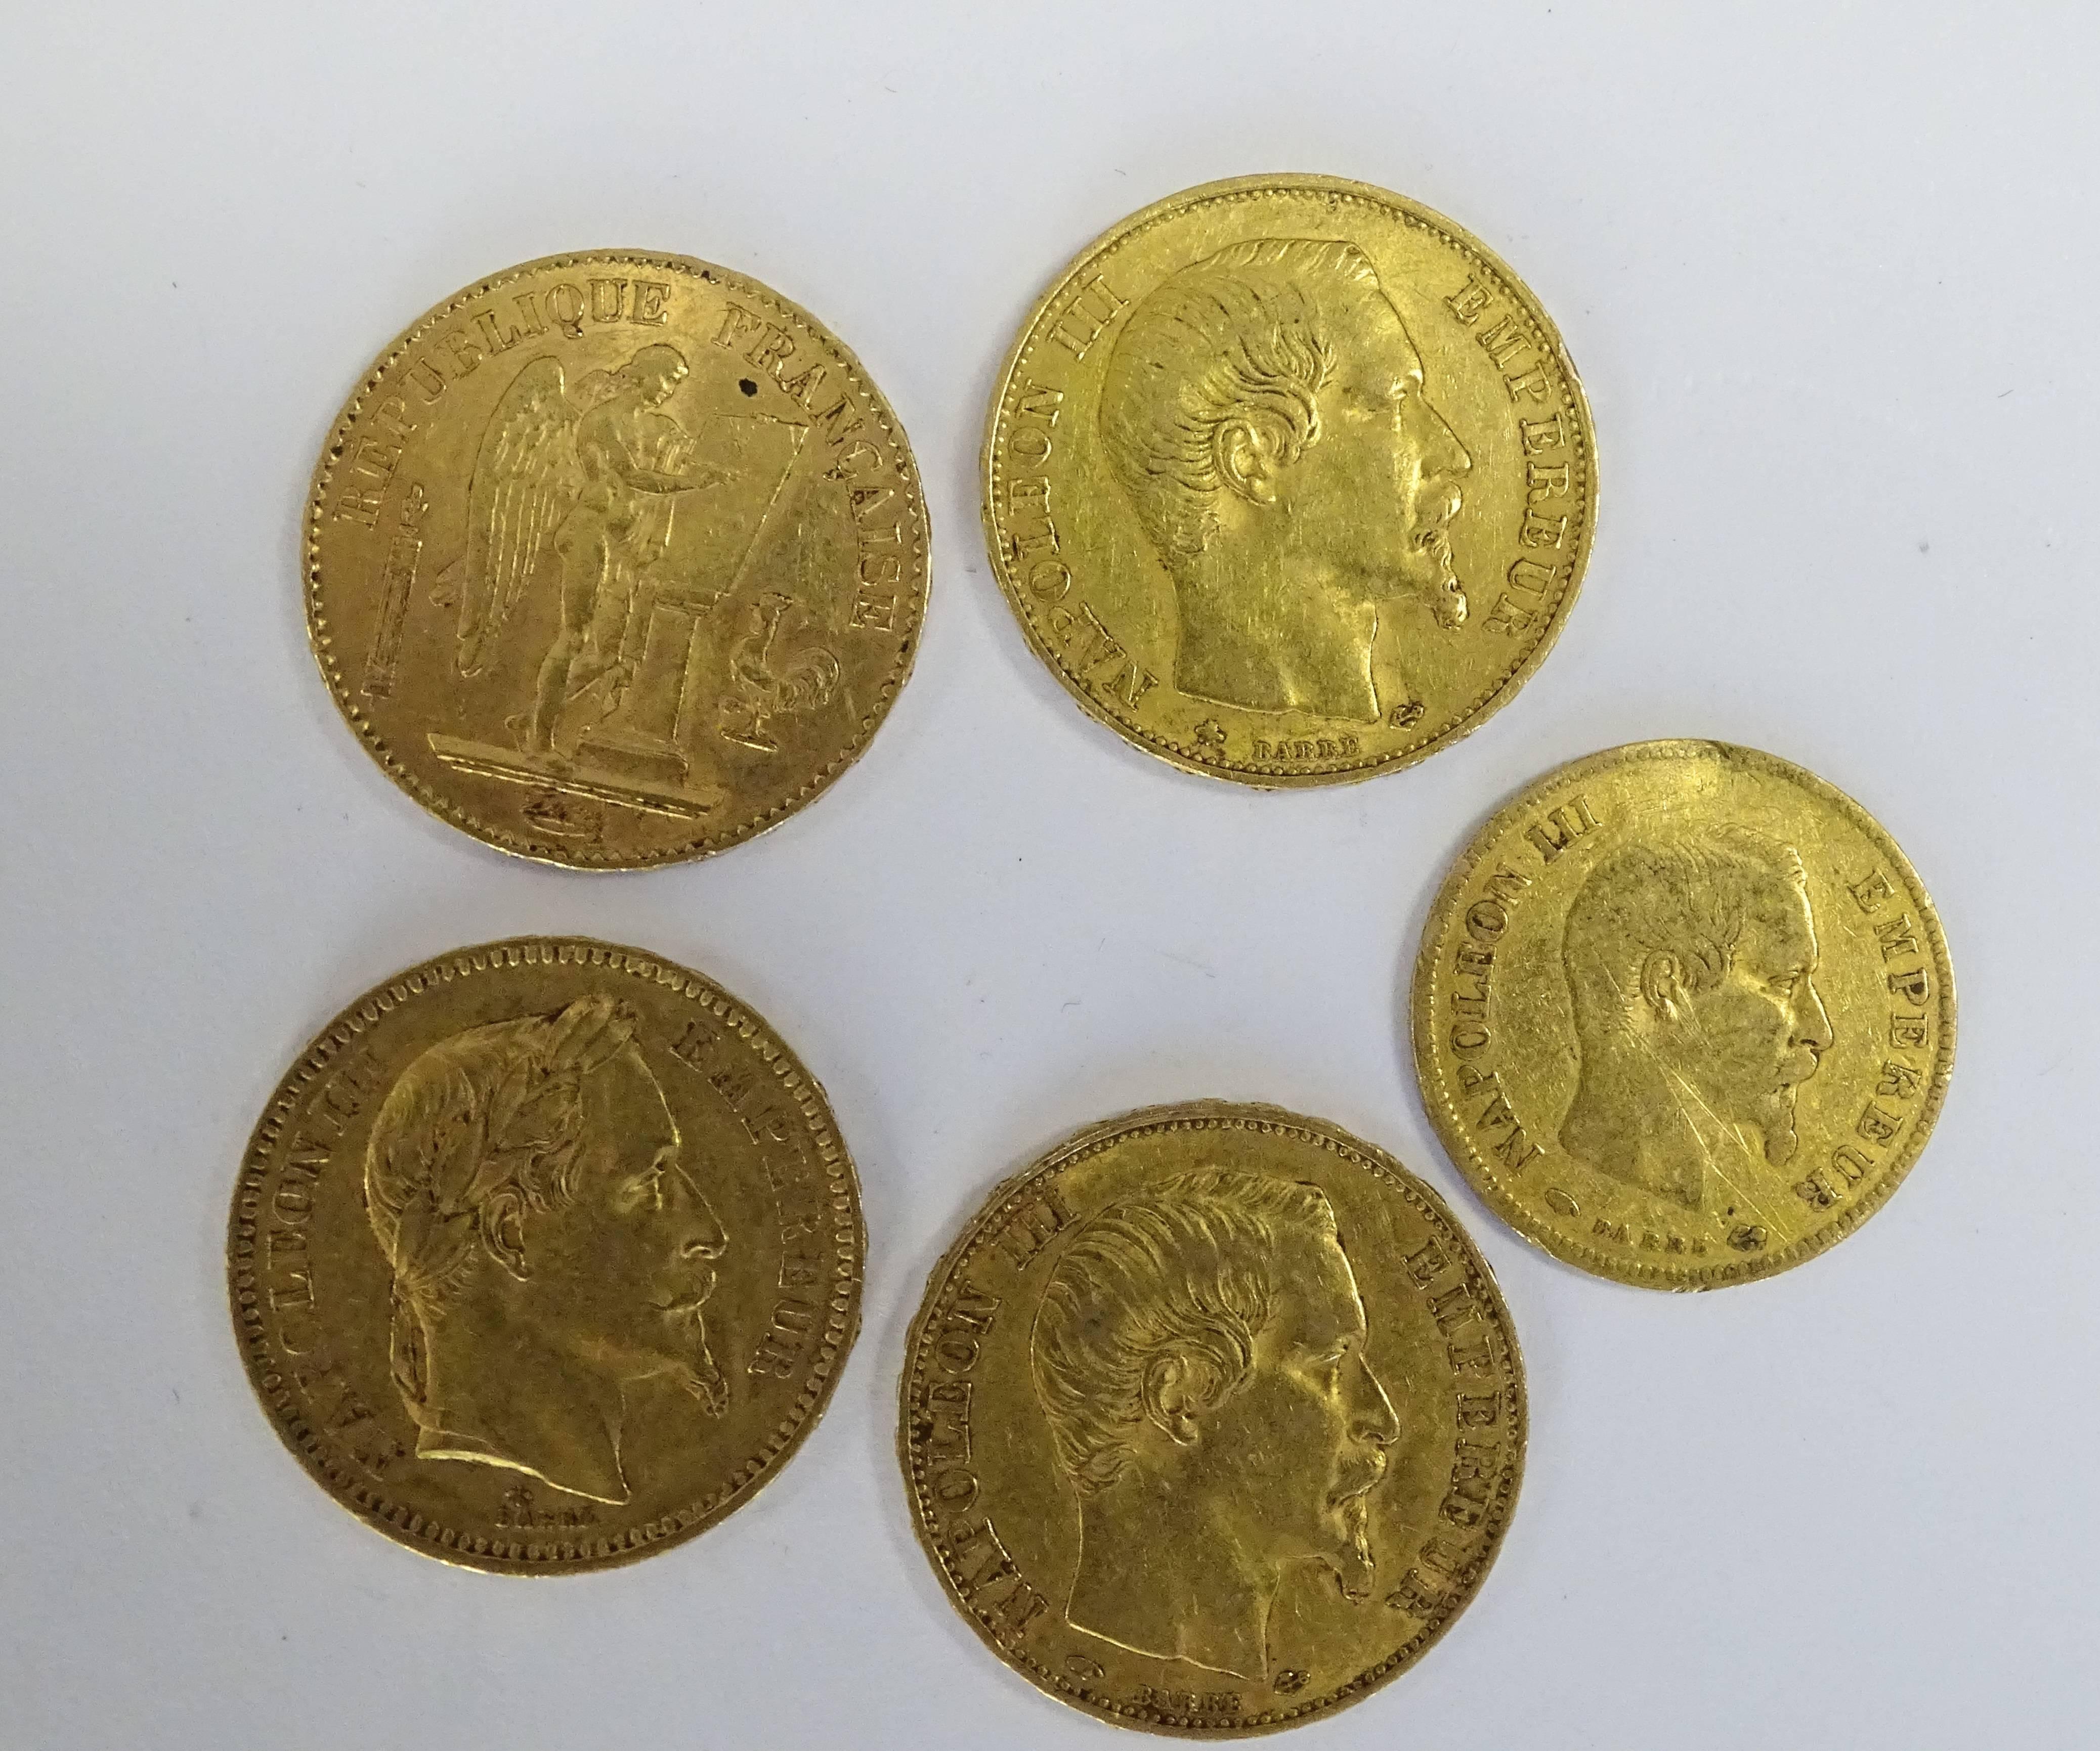 2 pièces 20 francs or Napoléon III tête nue 1856 et 1859, 1